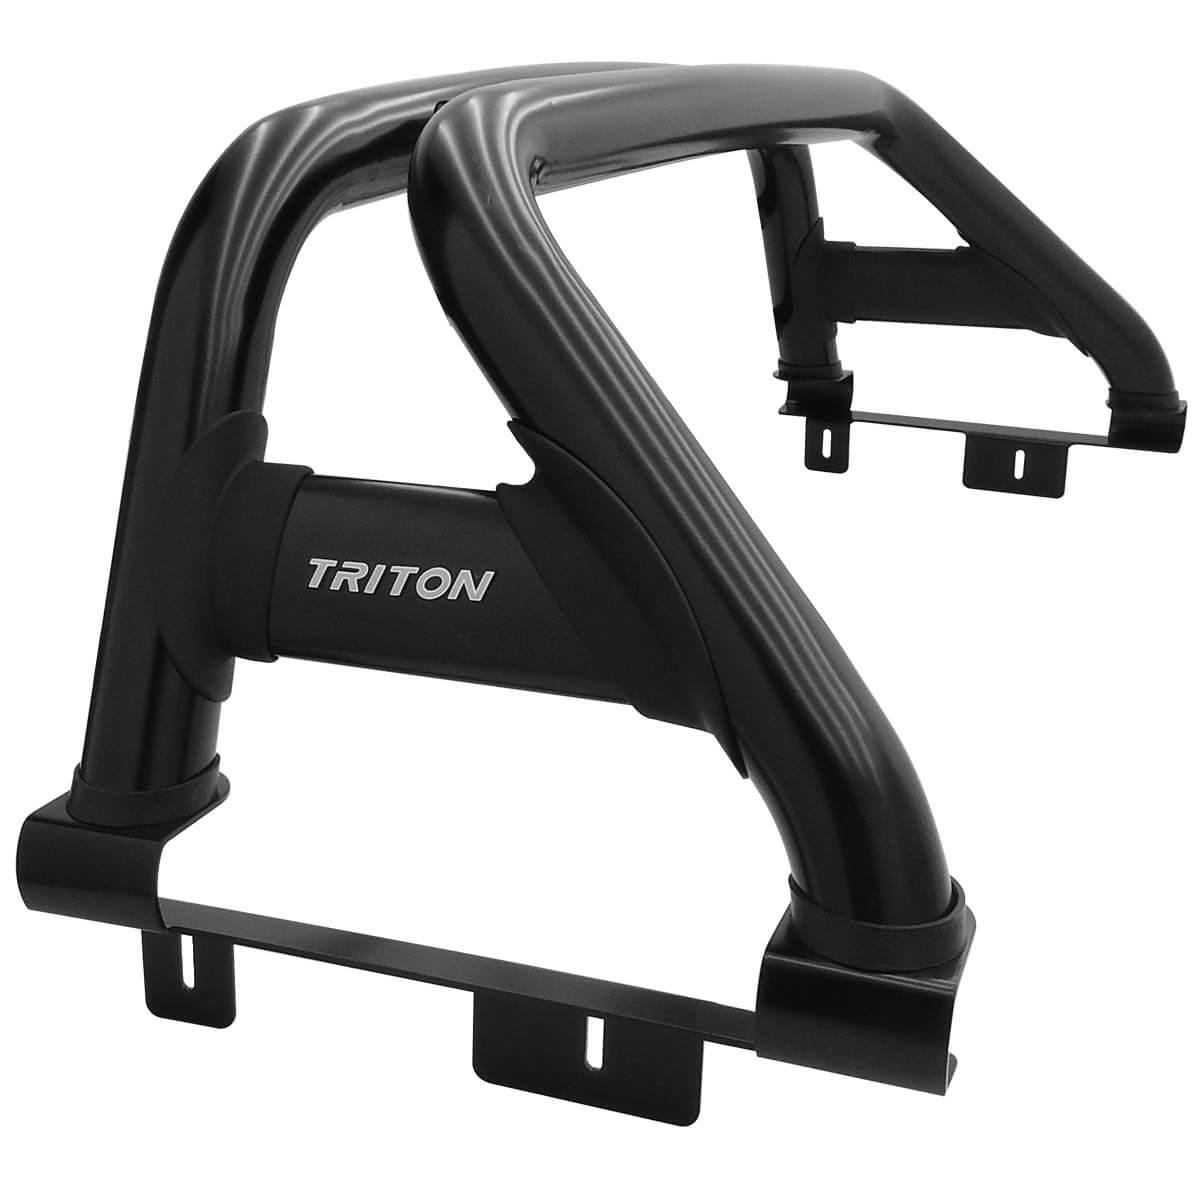 Santo antônio duplo preto L200 Triton Sport 2017 a 2020 e L200 Triton Outdoor 2021